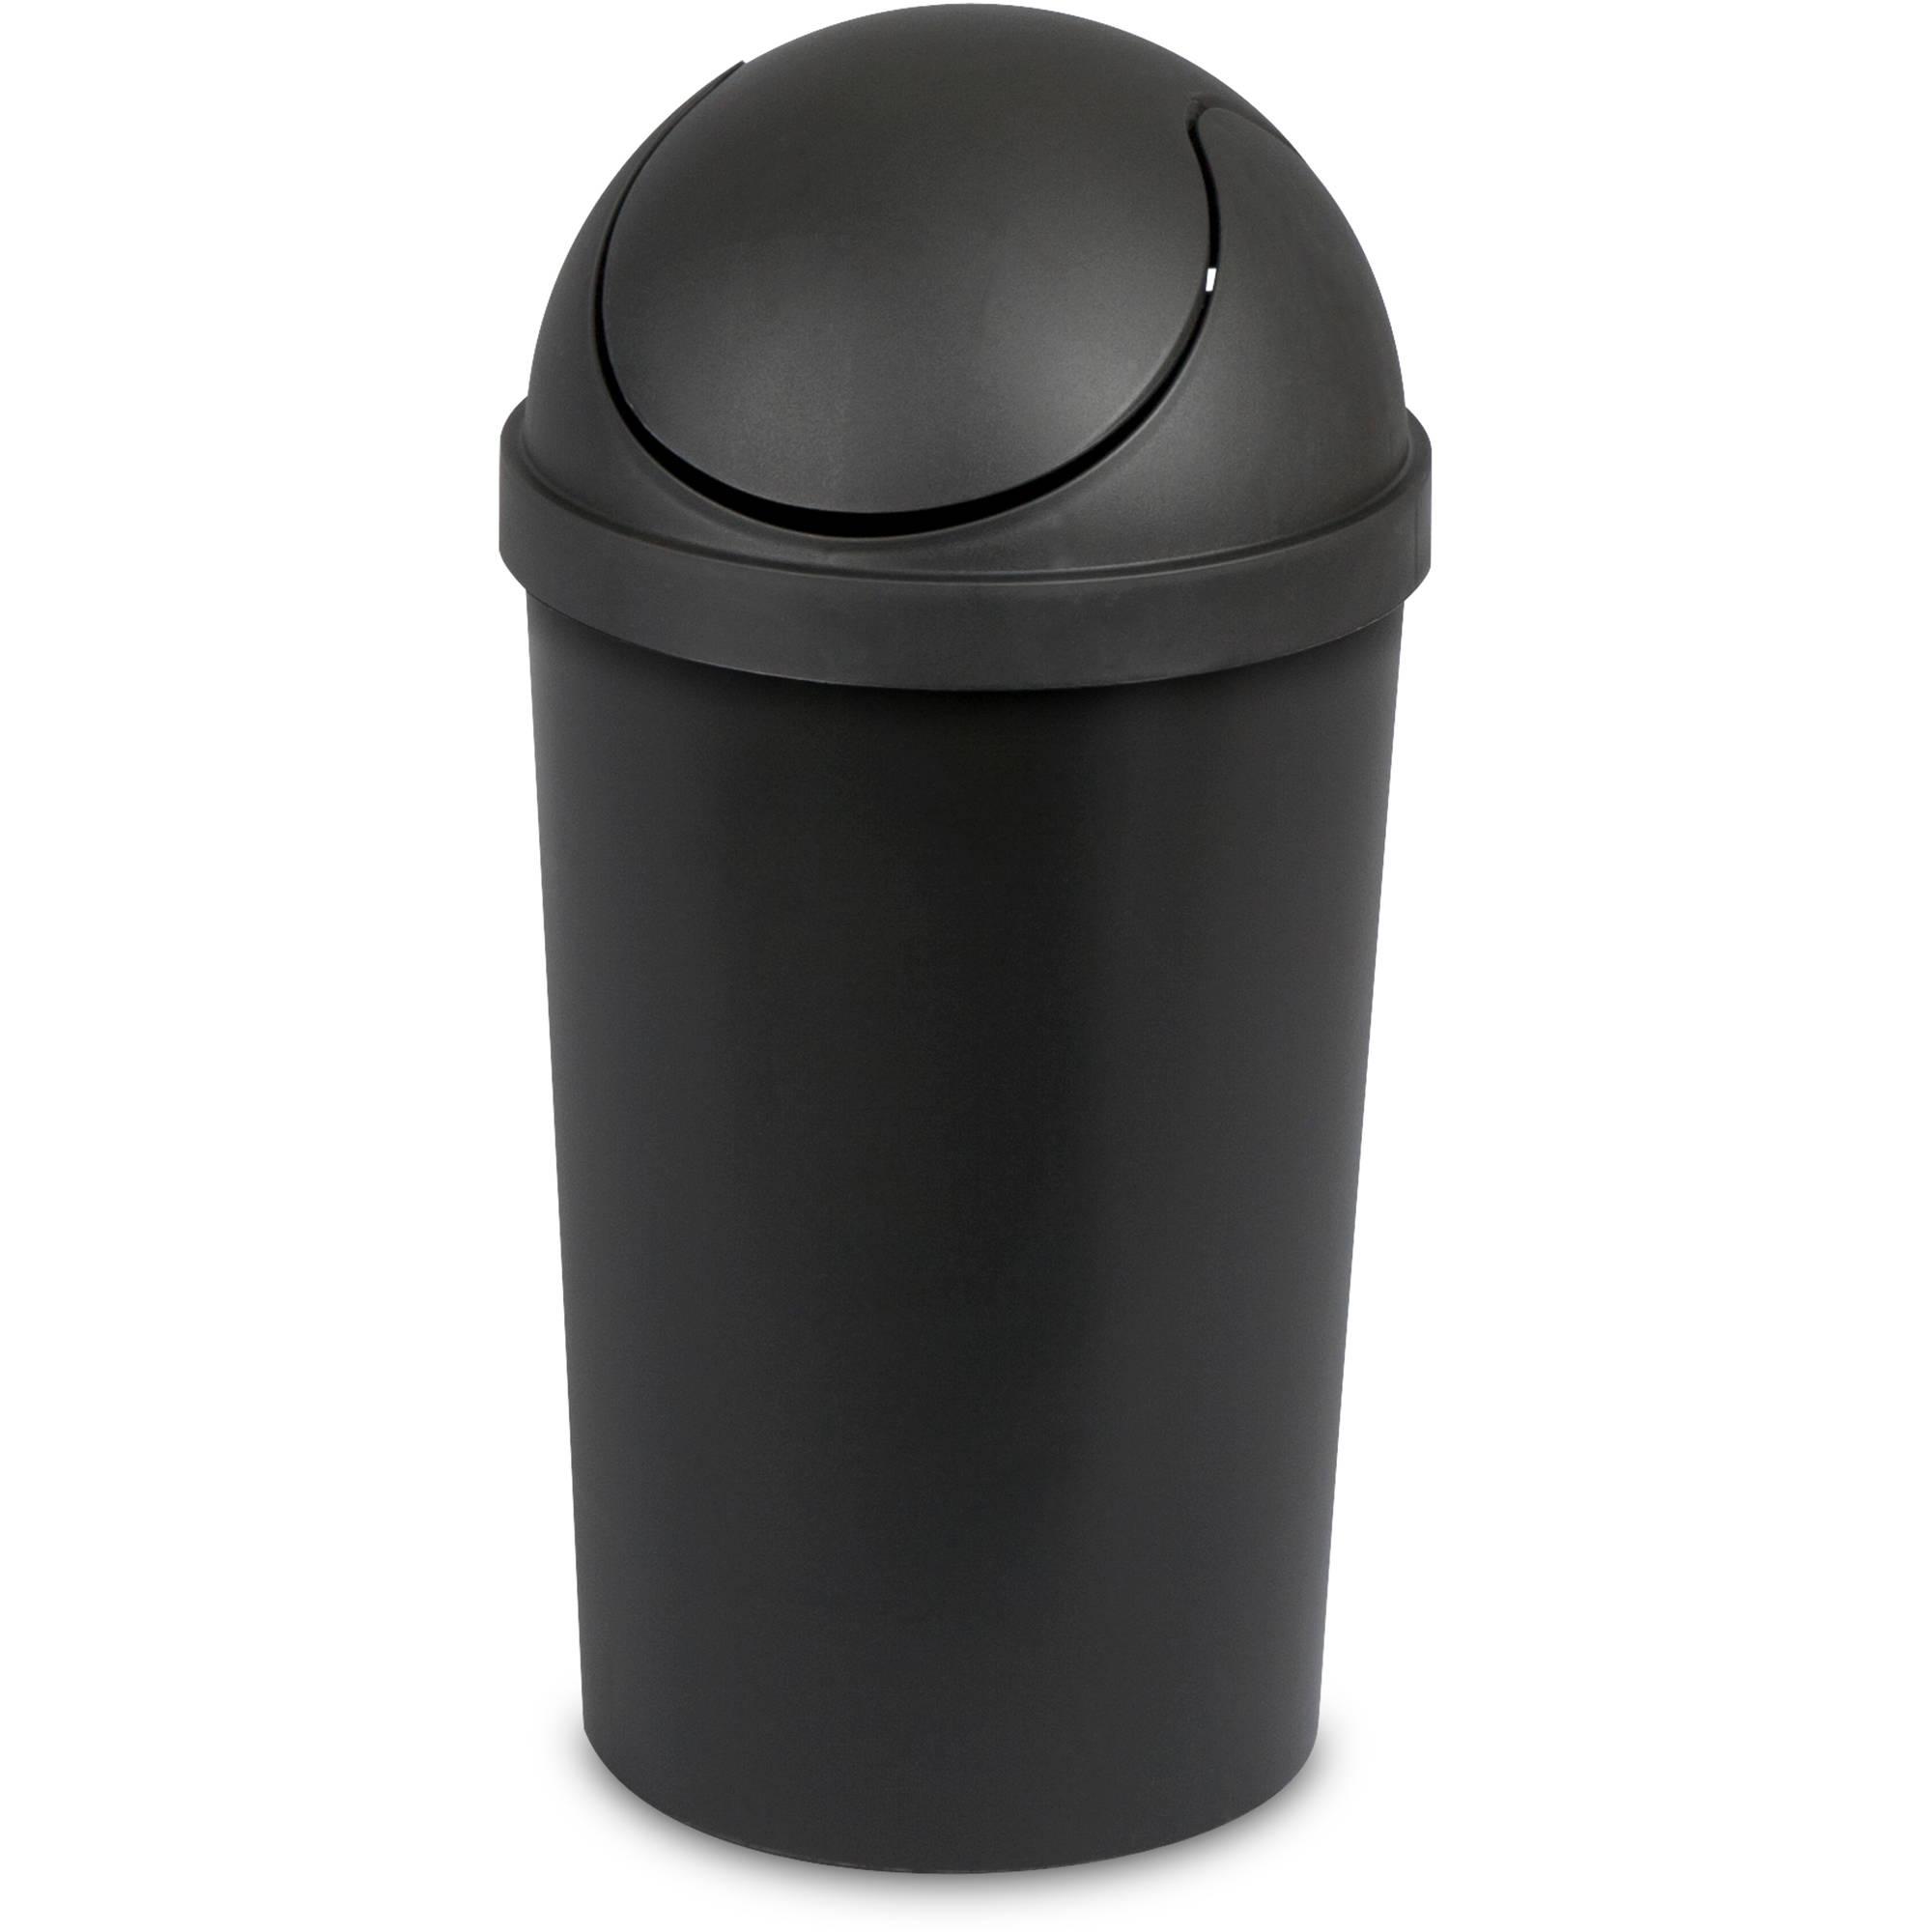 Sterilite 3-Gal Swing-Top Wastebasket, Black